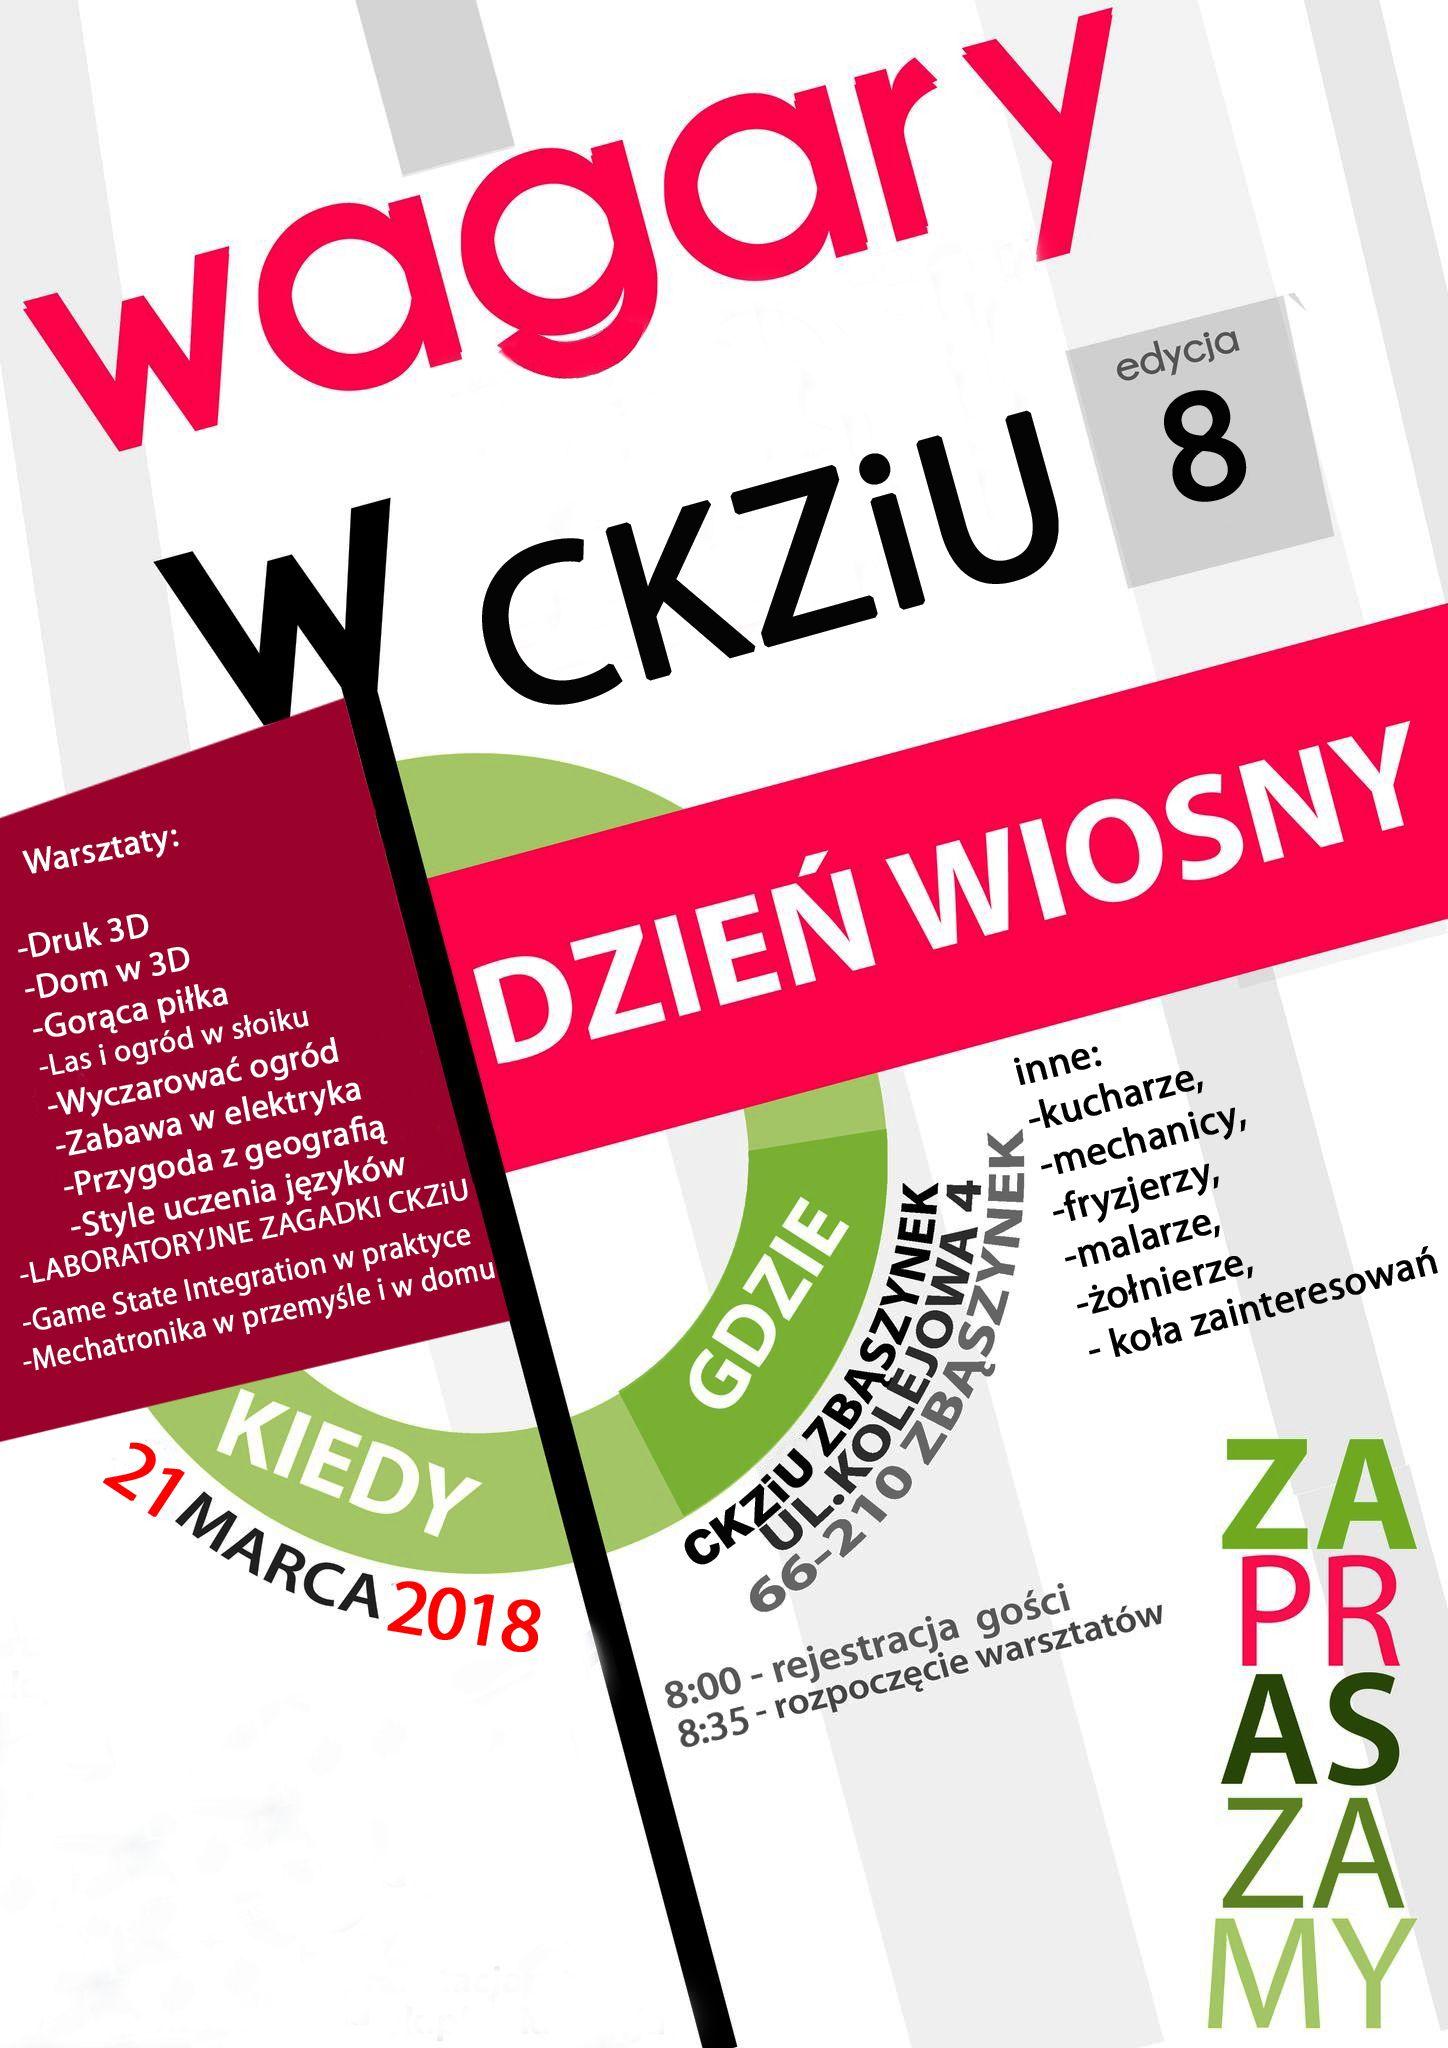 wagary zst 2018_2